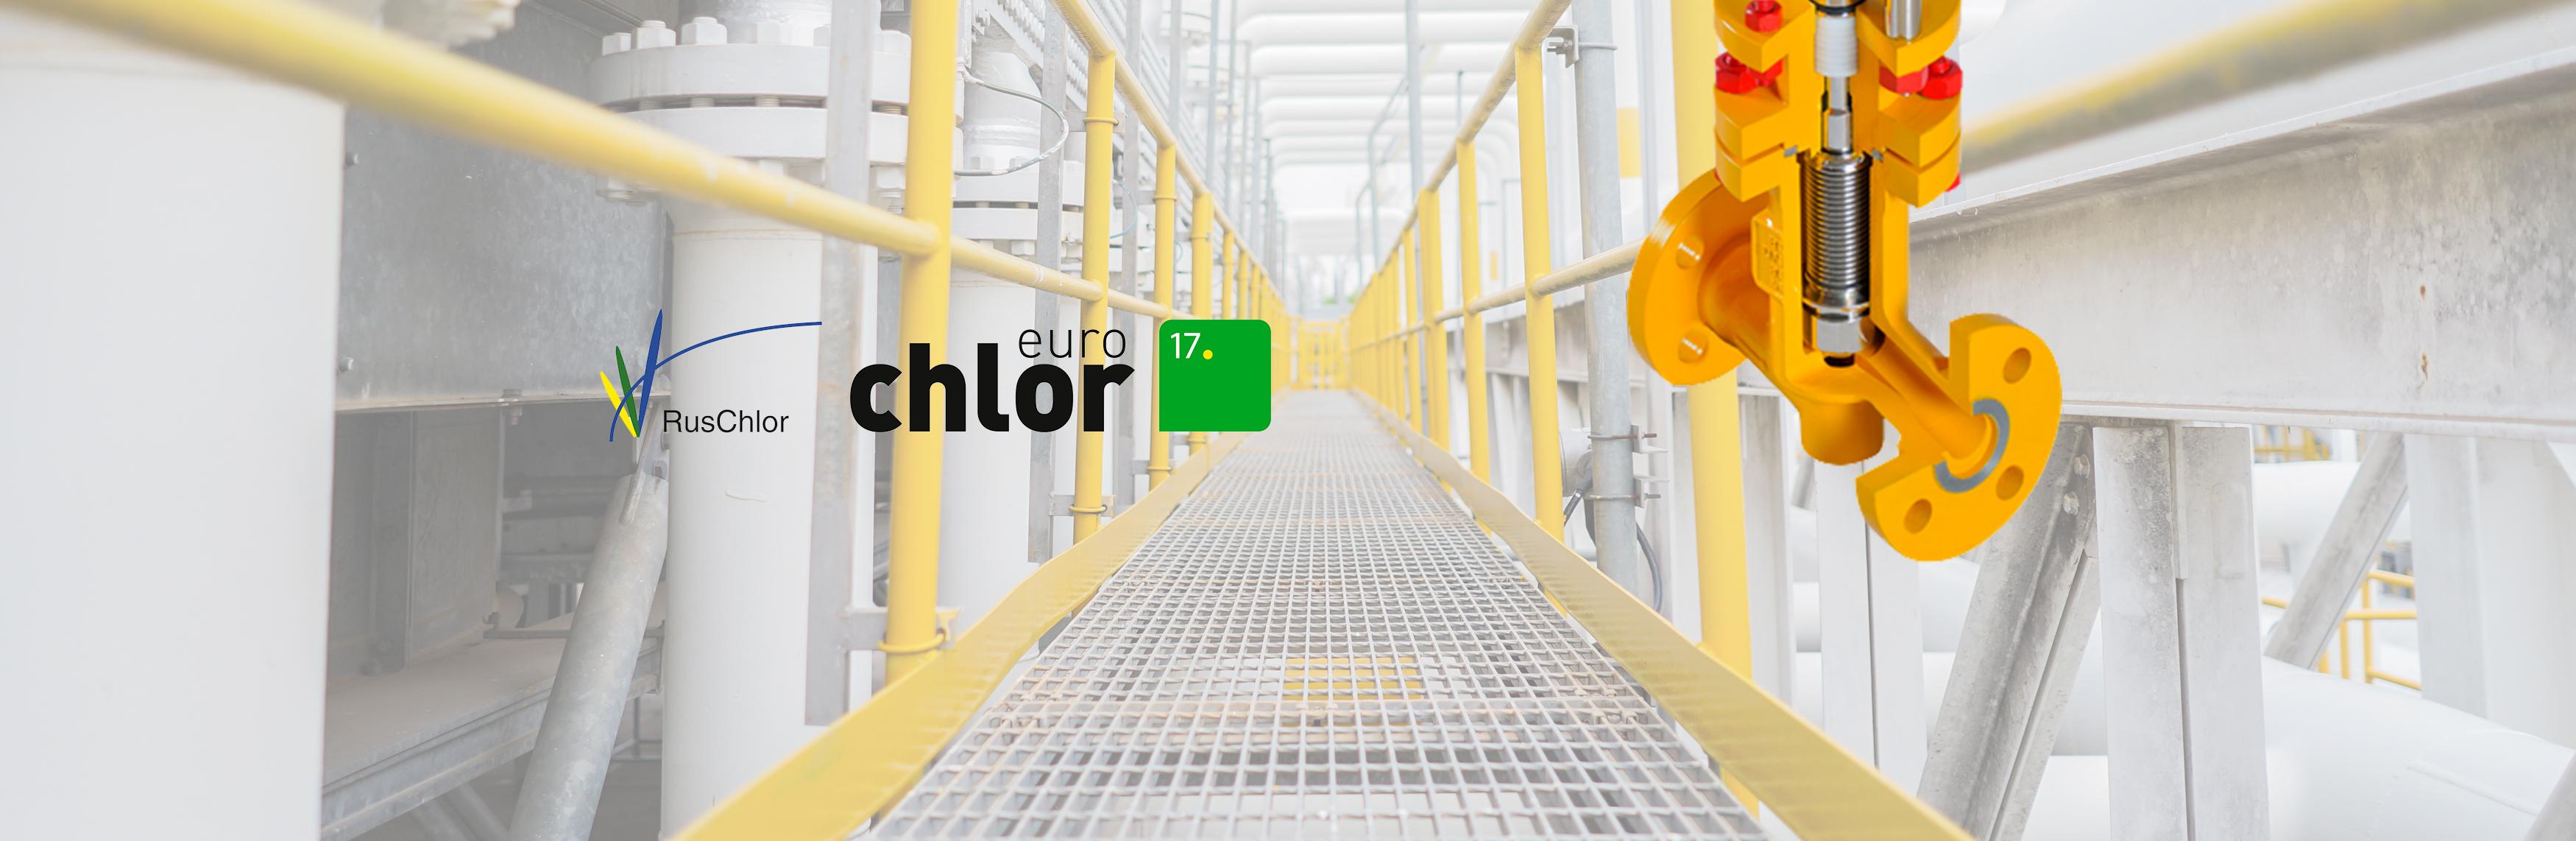 euro_chlor_valve_fondo